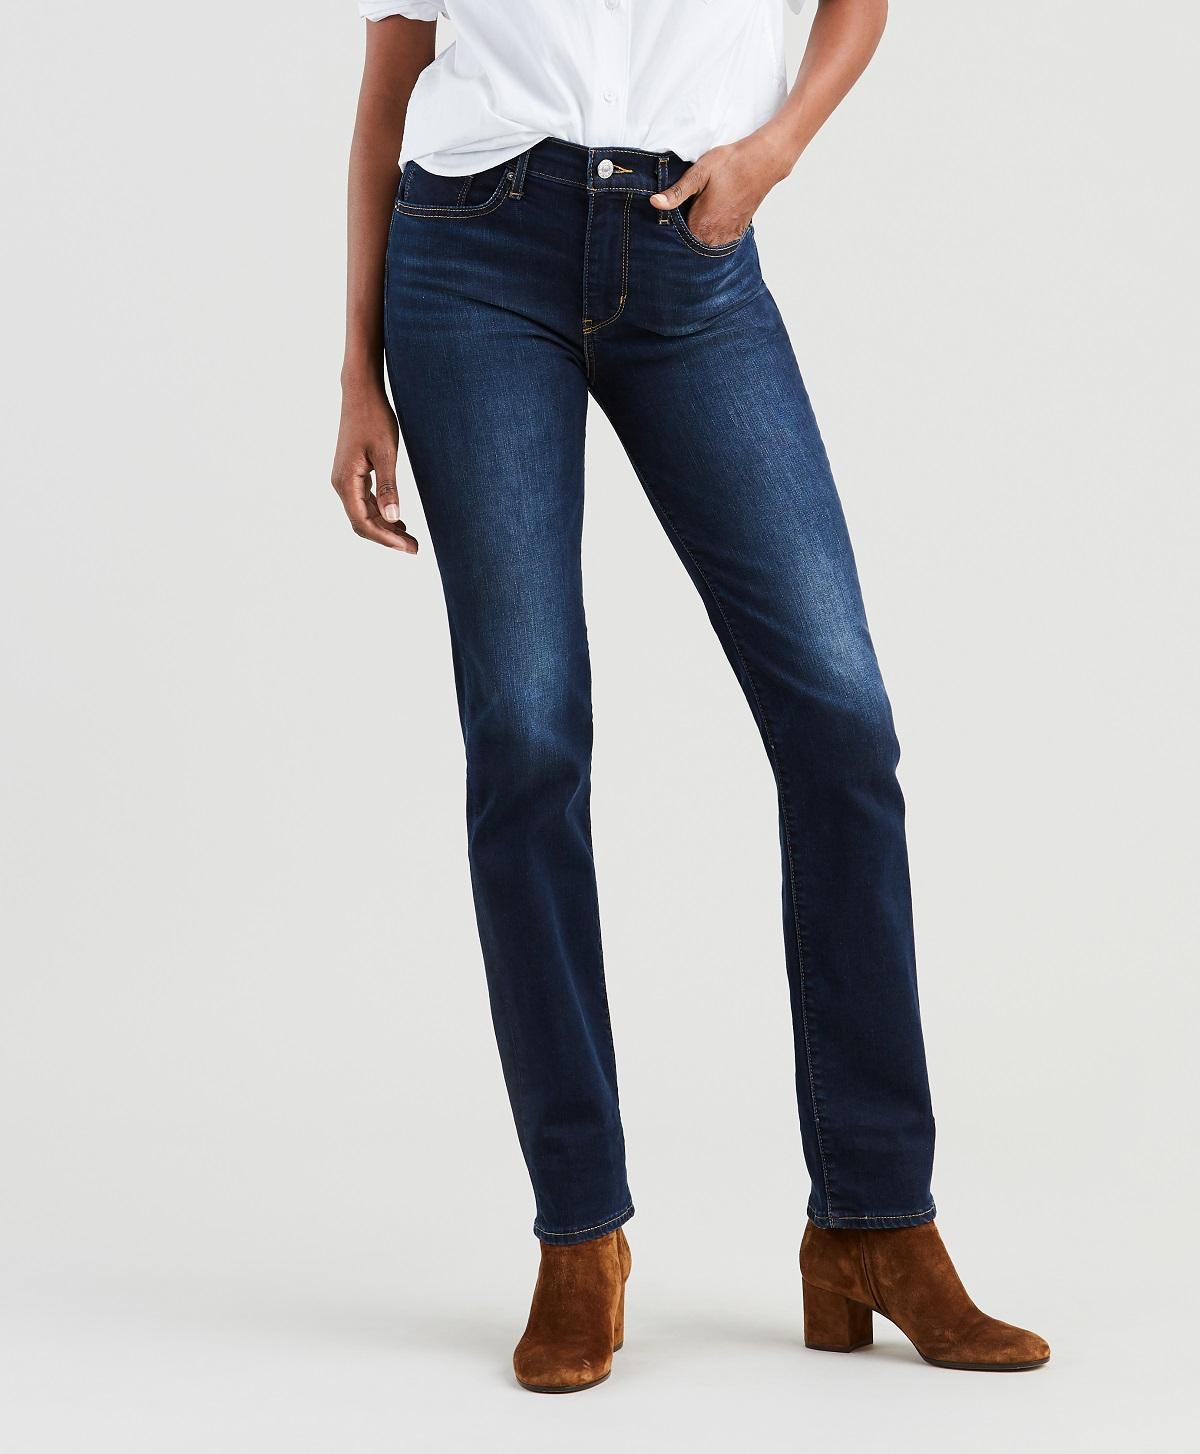 Levis dámské džíny 724 Straight 18883-0009 Modrá W28/L30